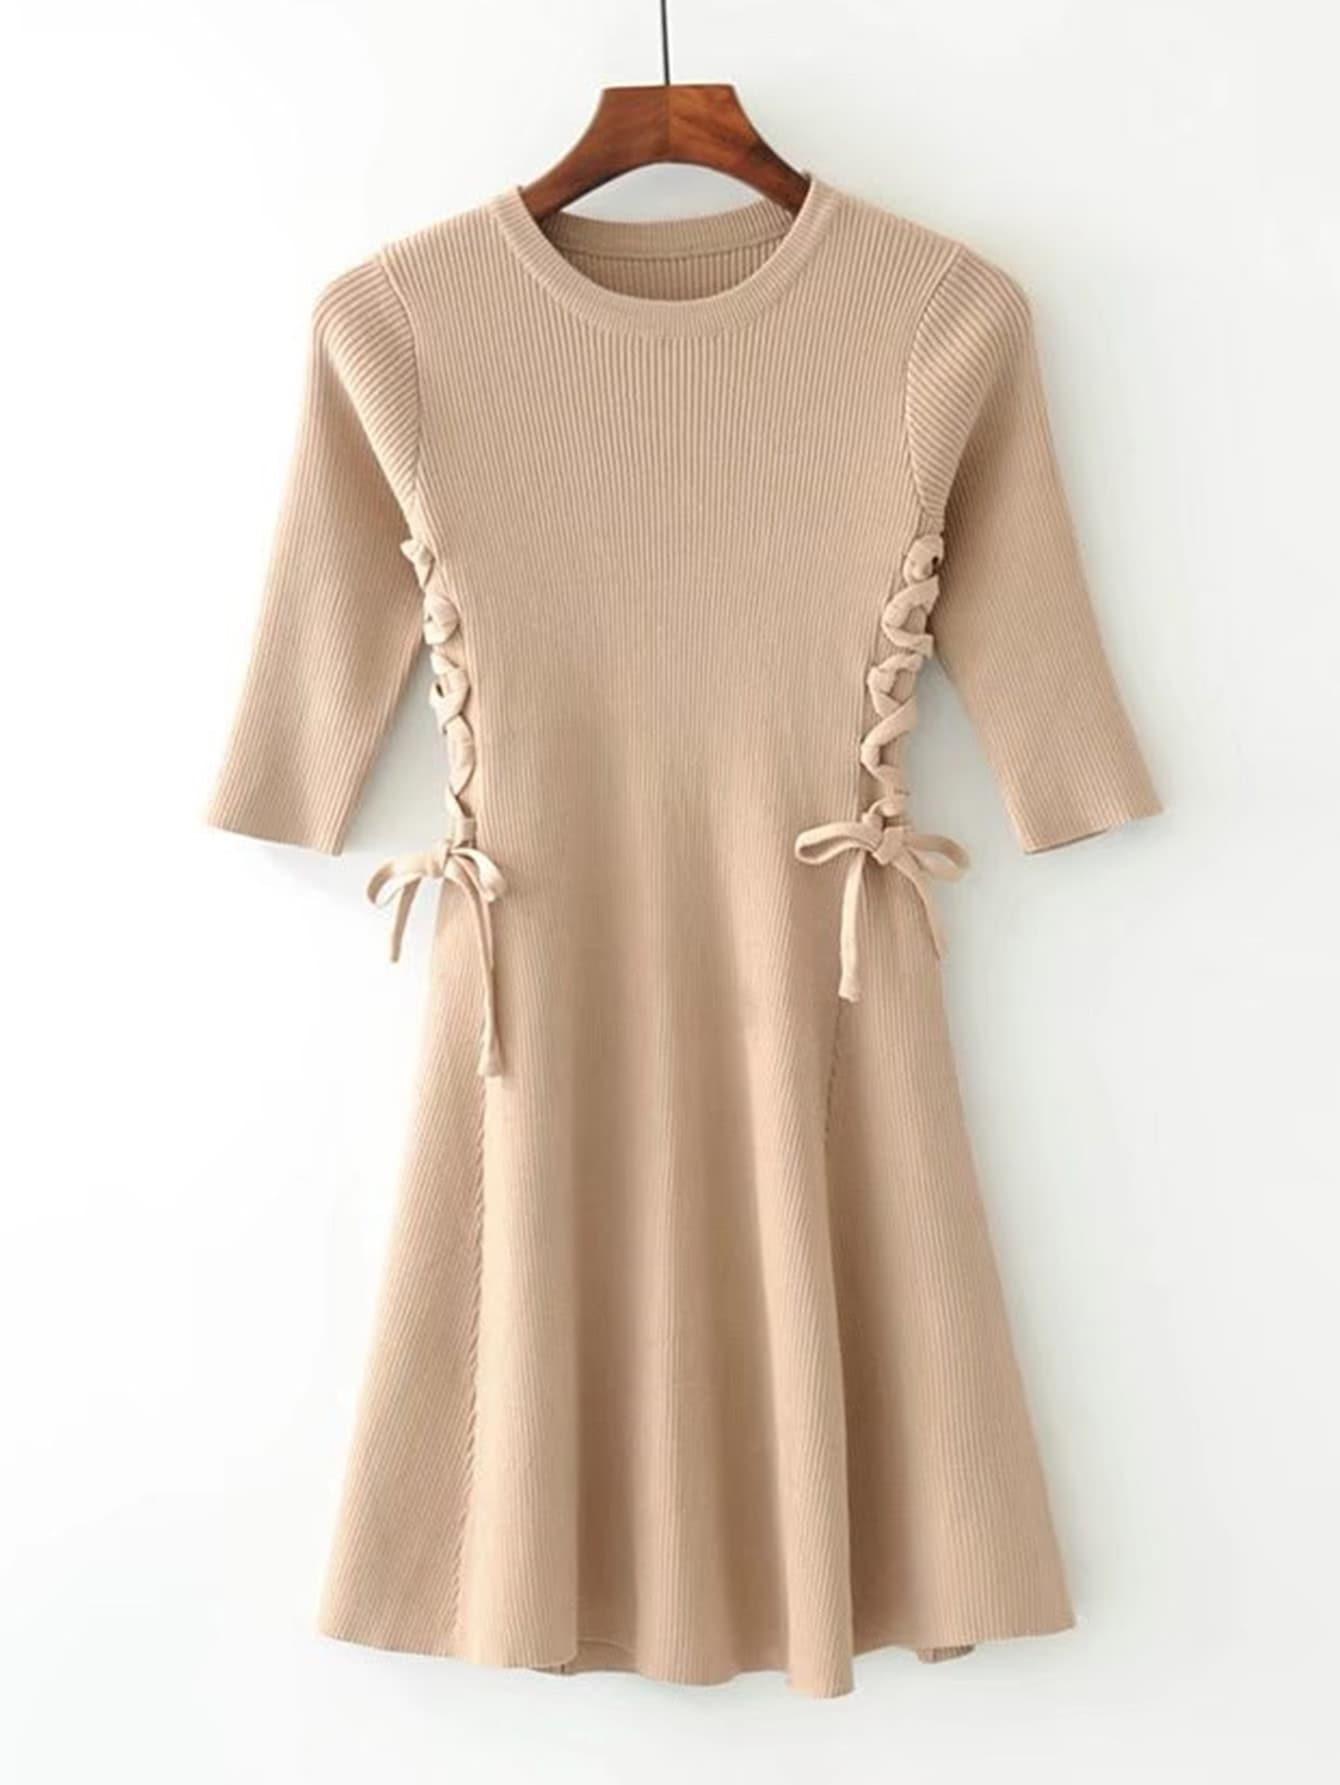 Lace Up Side Ribbed Knit Dress dress171005205